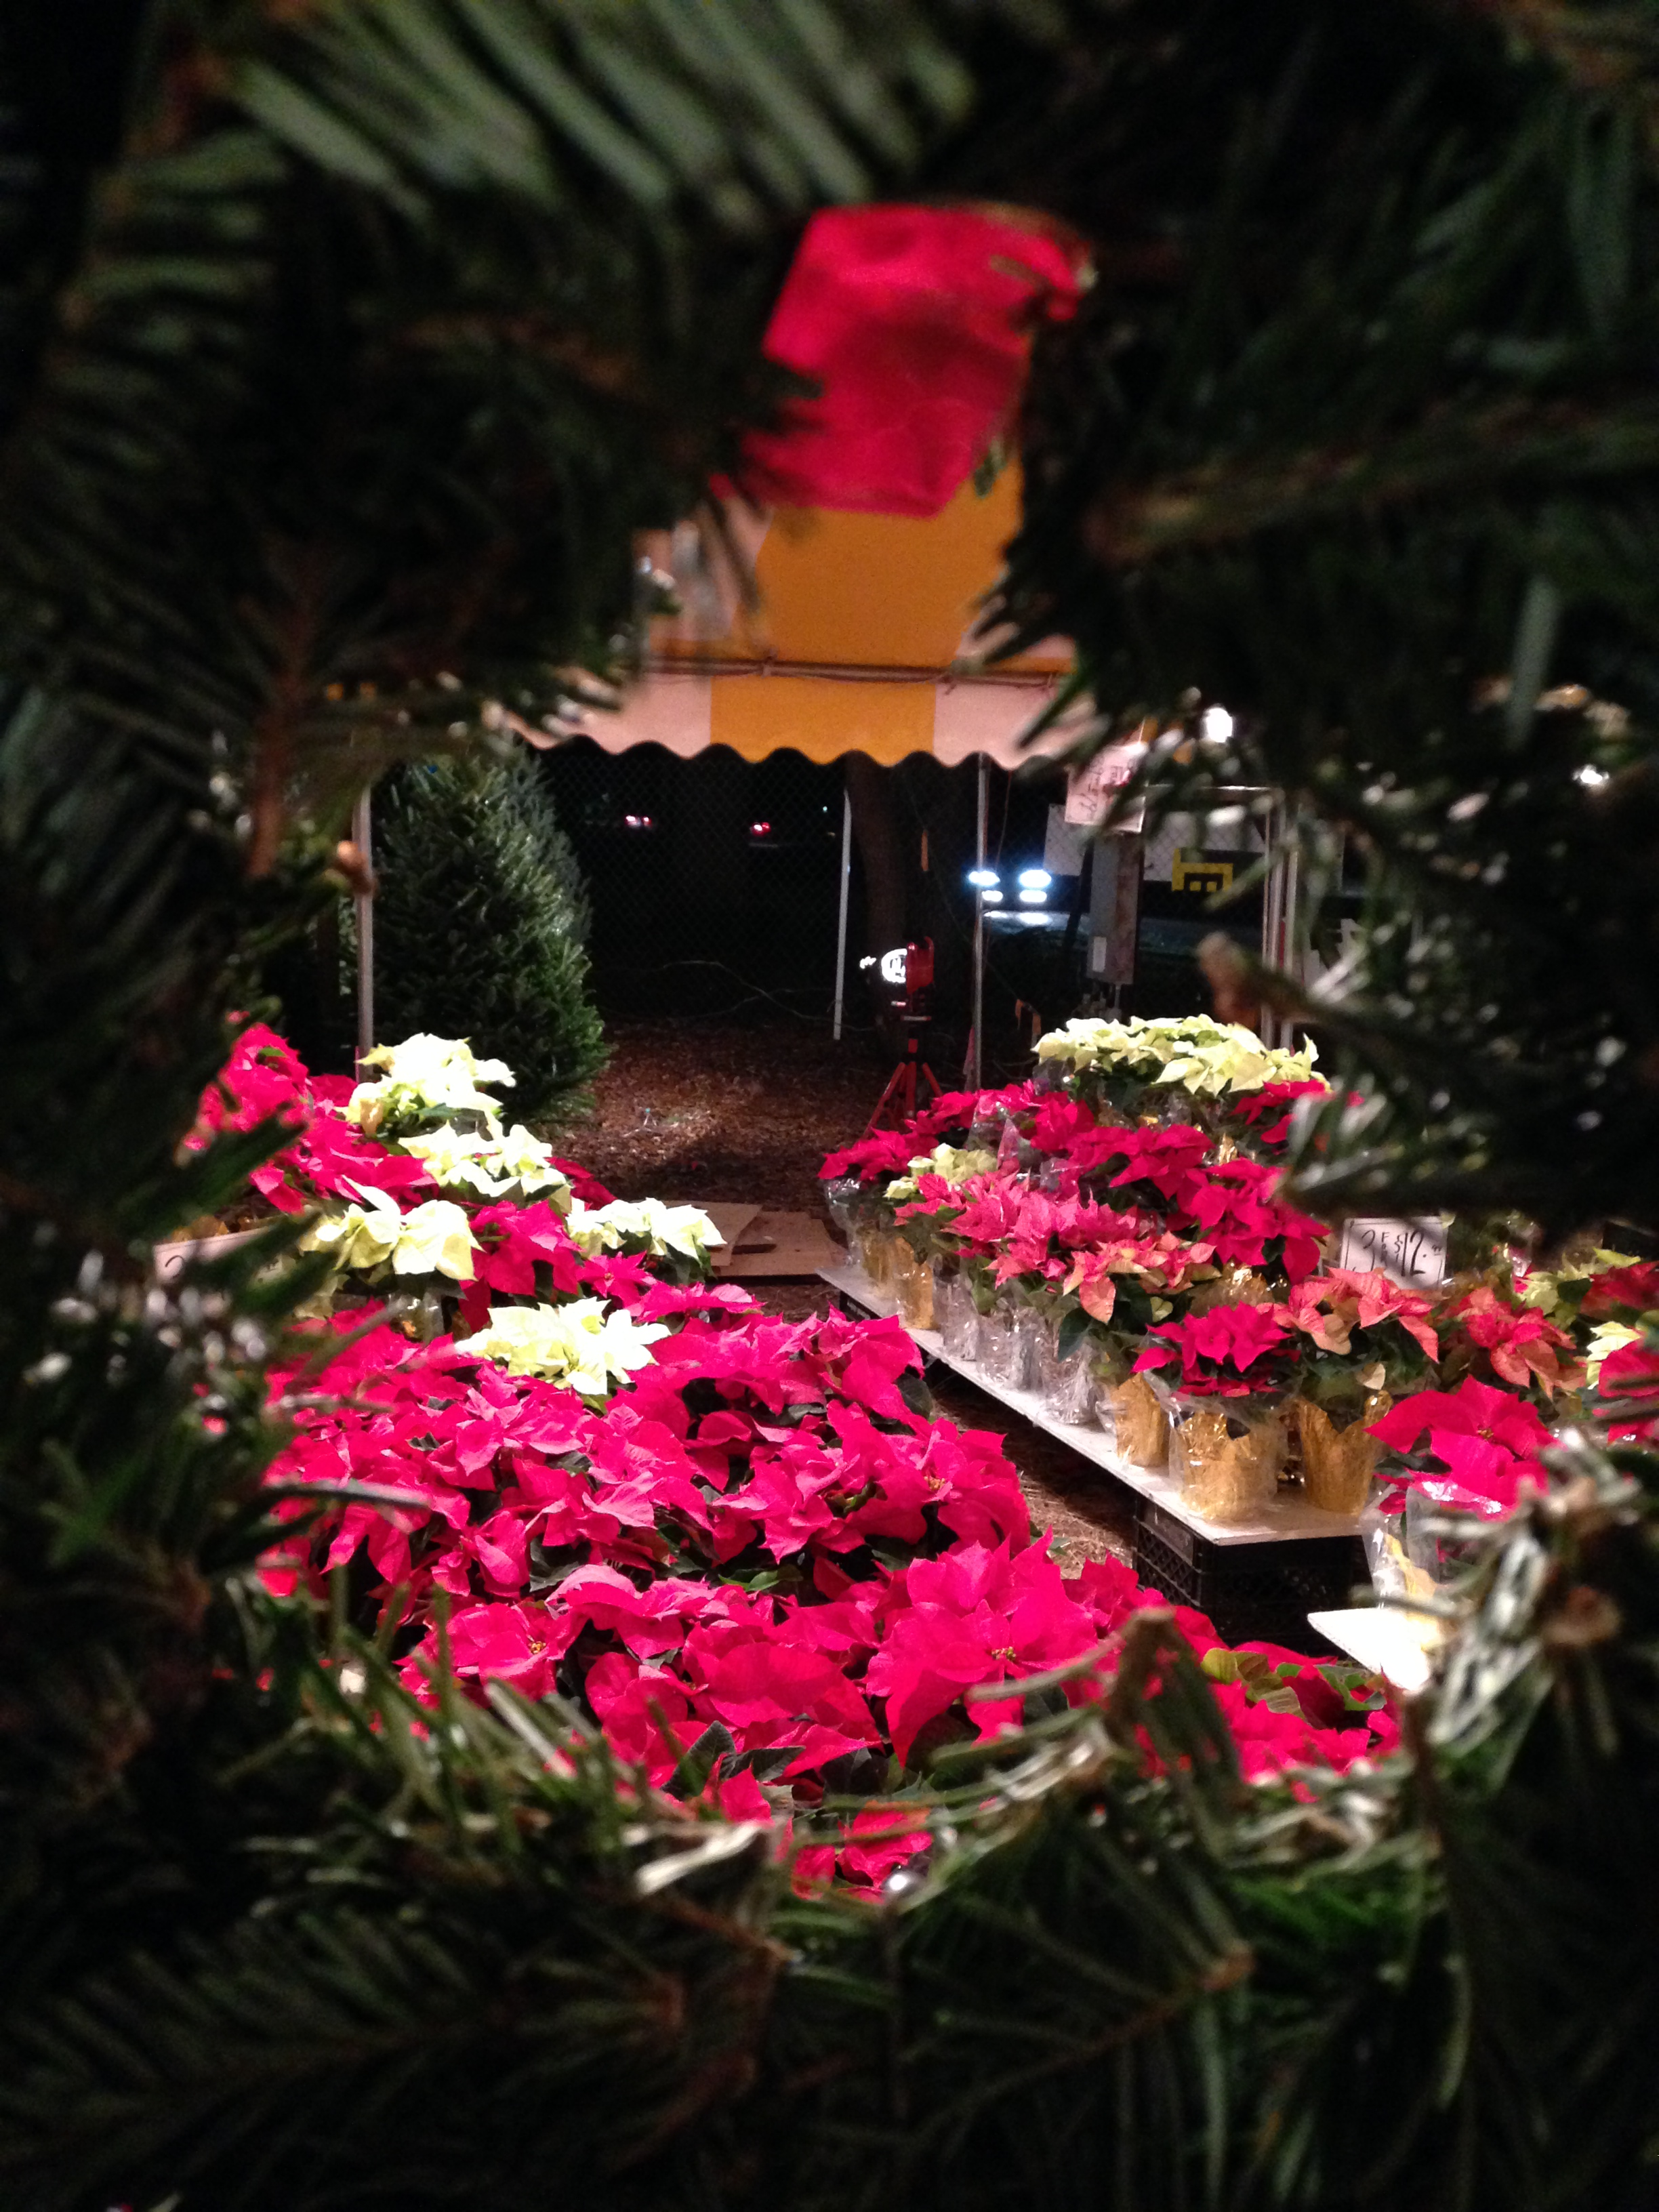 Dave's Christmas Tree Lot image 98